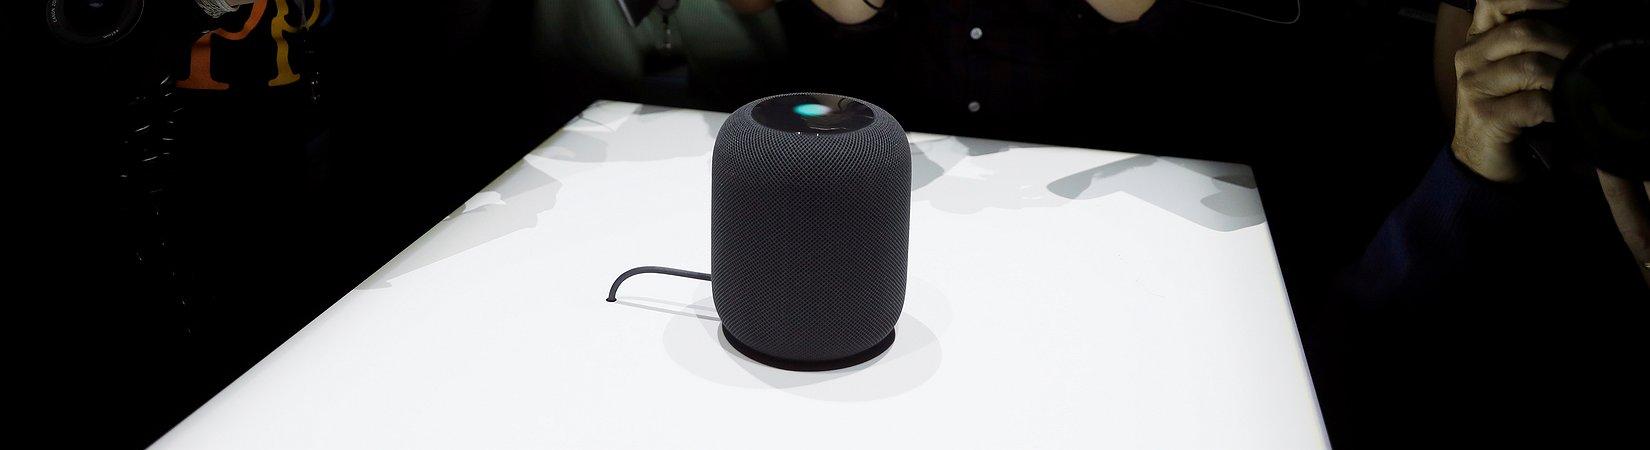 Apple revelou o HomePod, o seu novo assistente digital